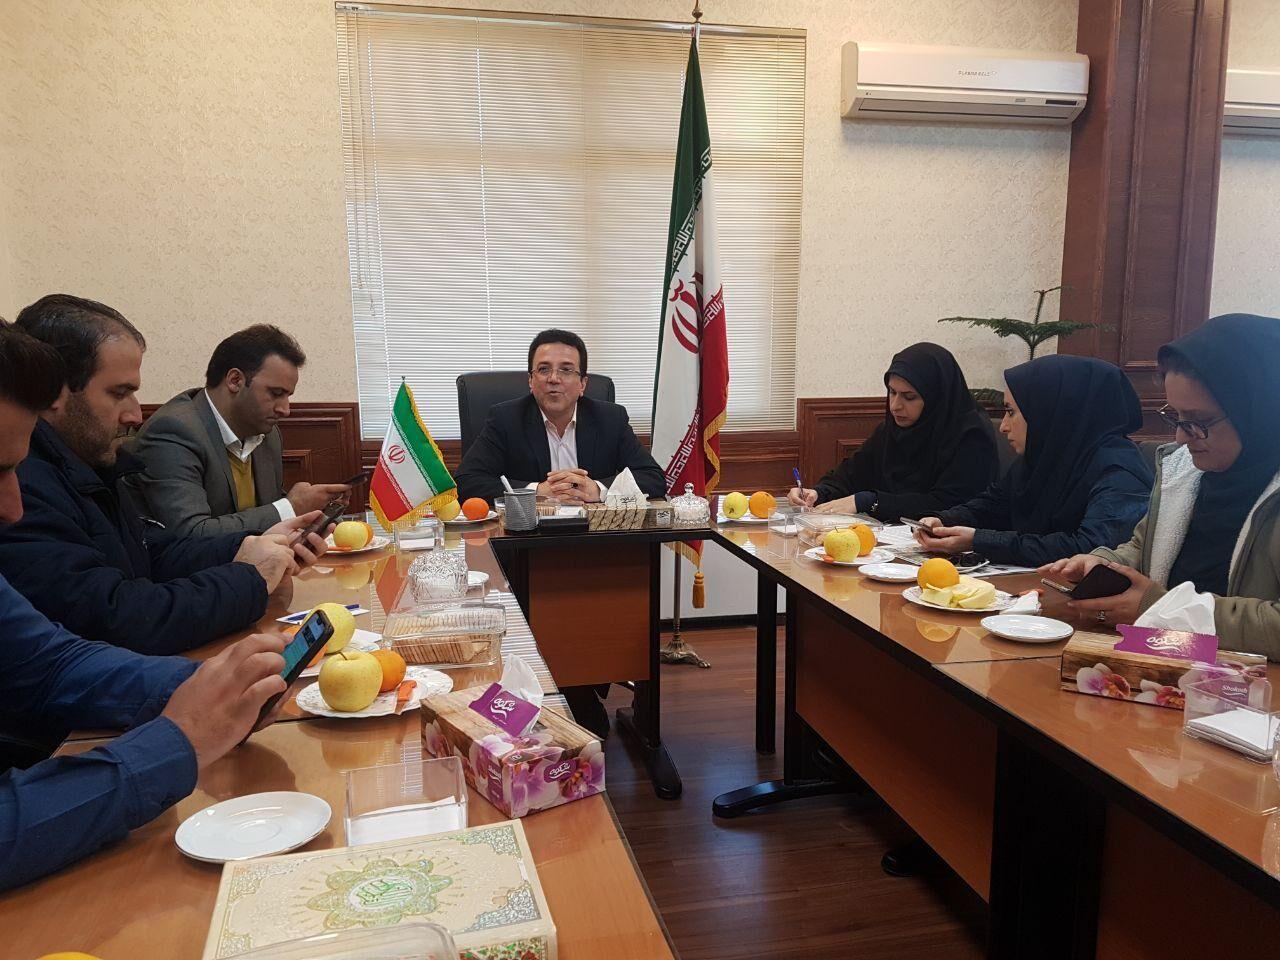 فرماندارنوشهر: رفتارهای کاربران فضاهای مجازی در فرآیند برگزاری انتخابات مجلس رصد میشود